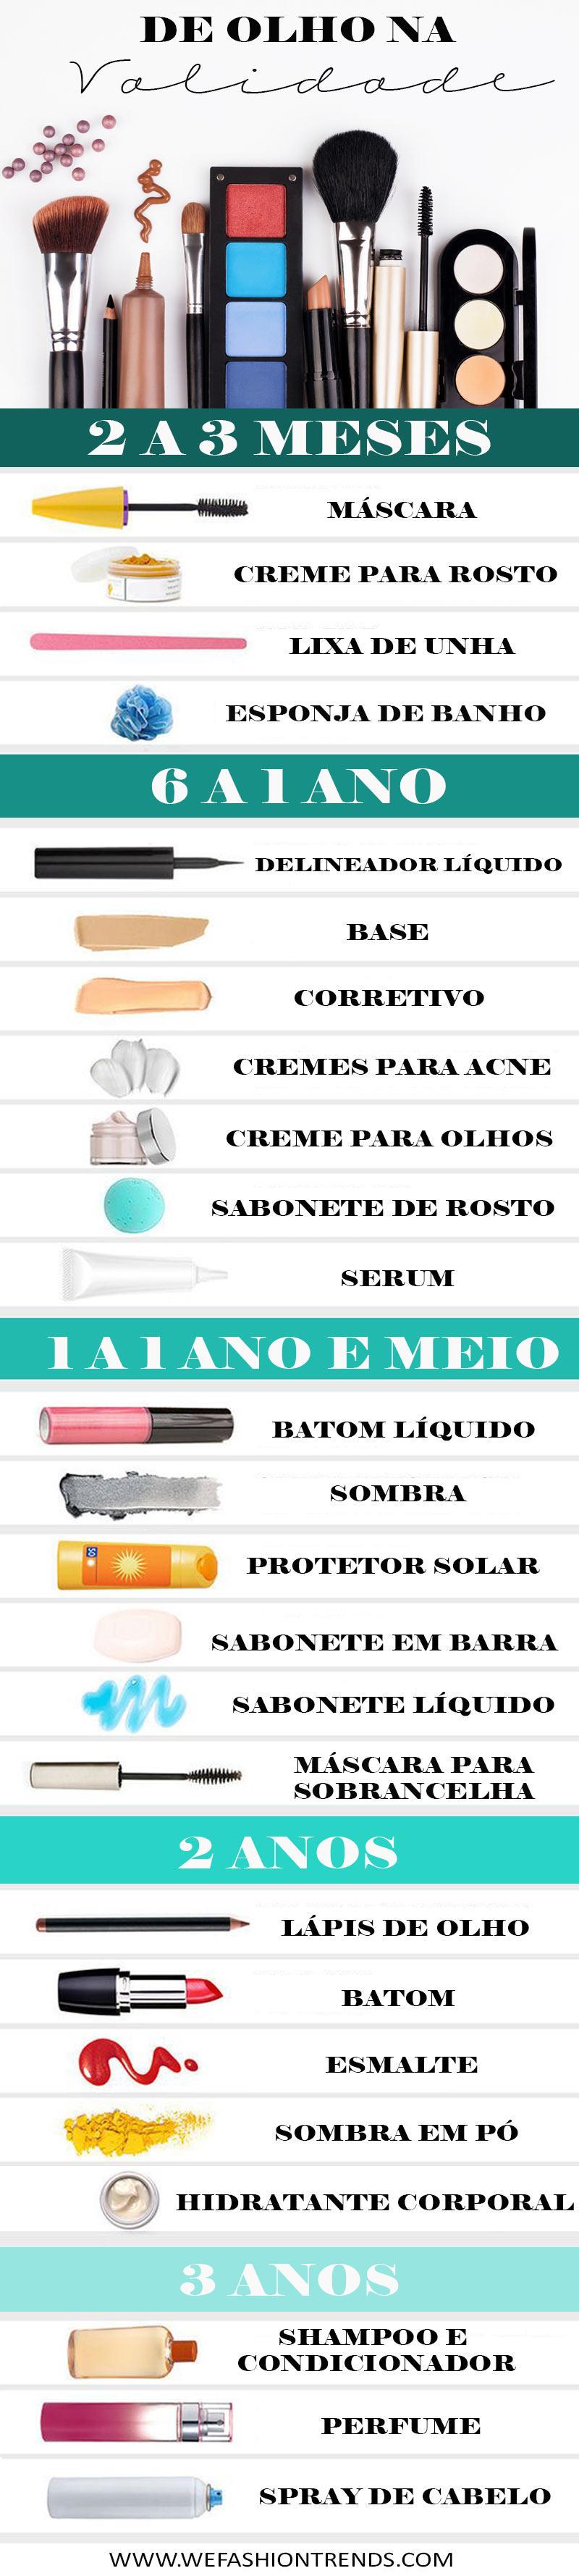 validade-de-maquiagem-e-cosméticos